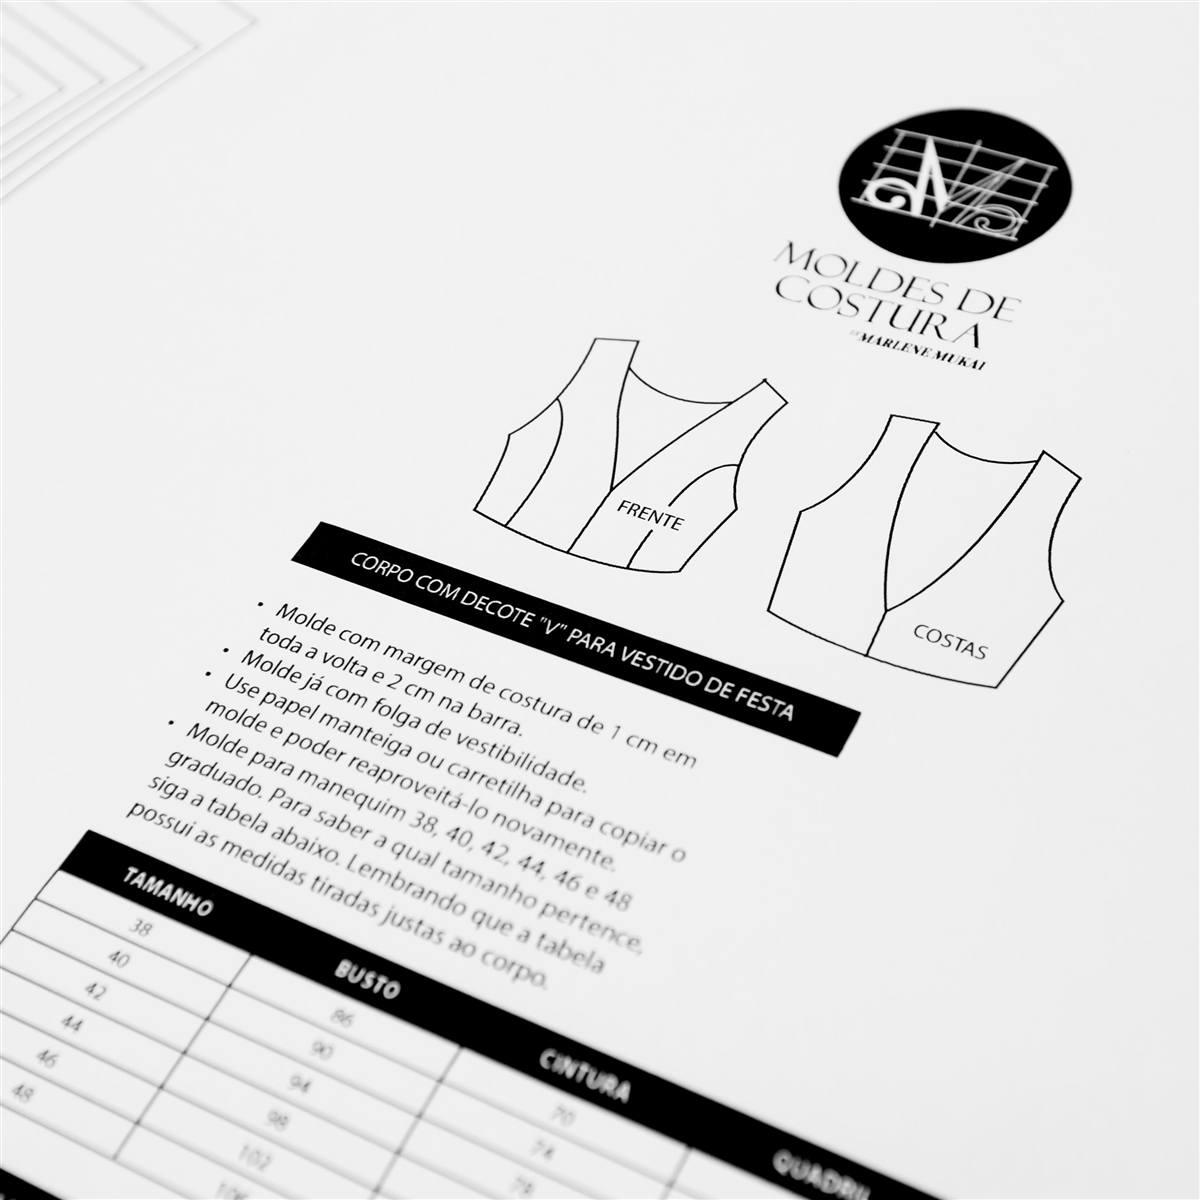 a1d015968 Molde corpo com decote V p/ vestido 38 ao 48 - Marlene Mukai